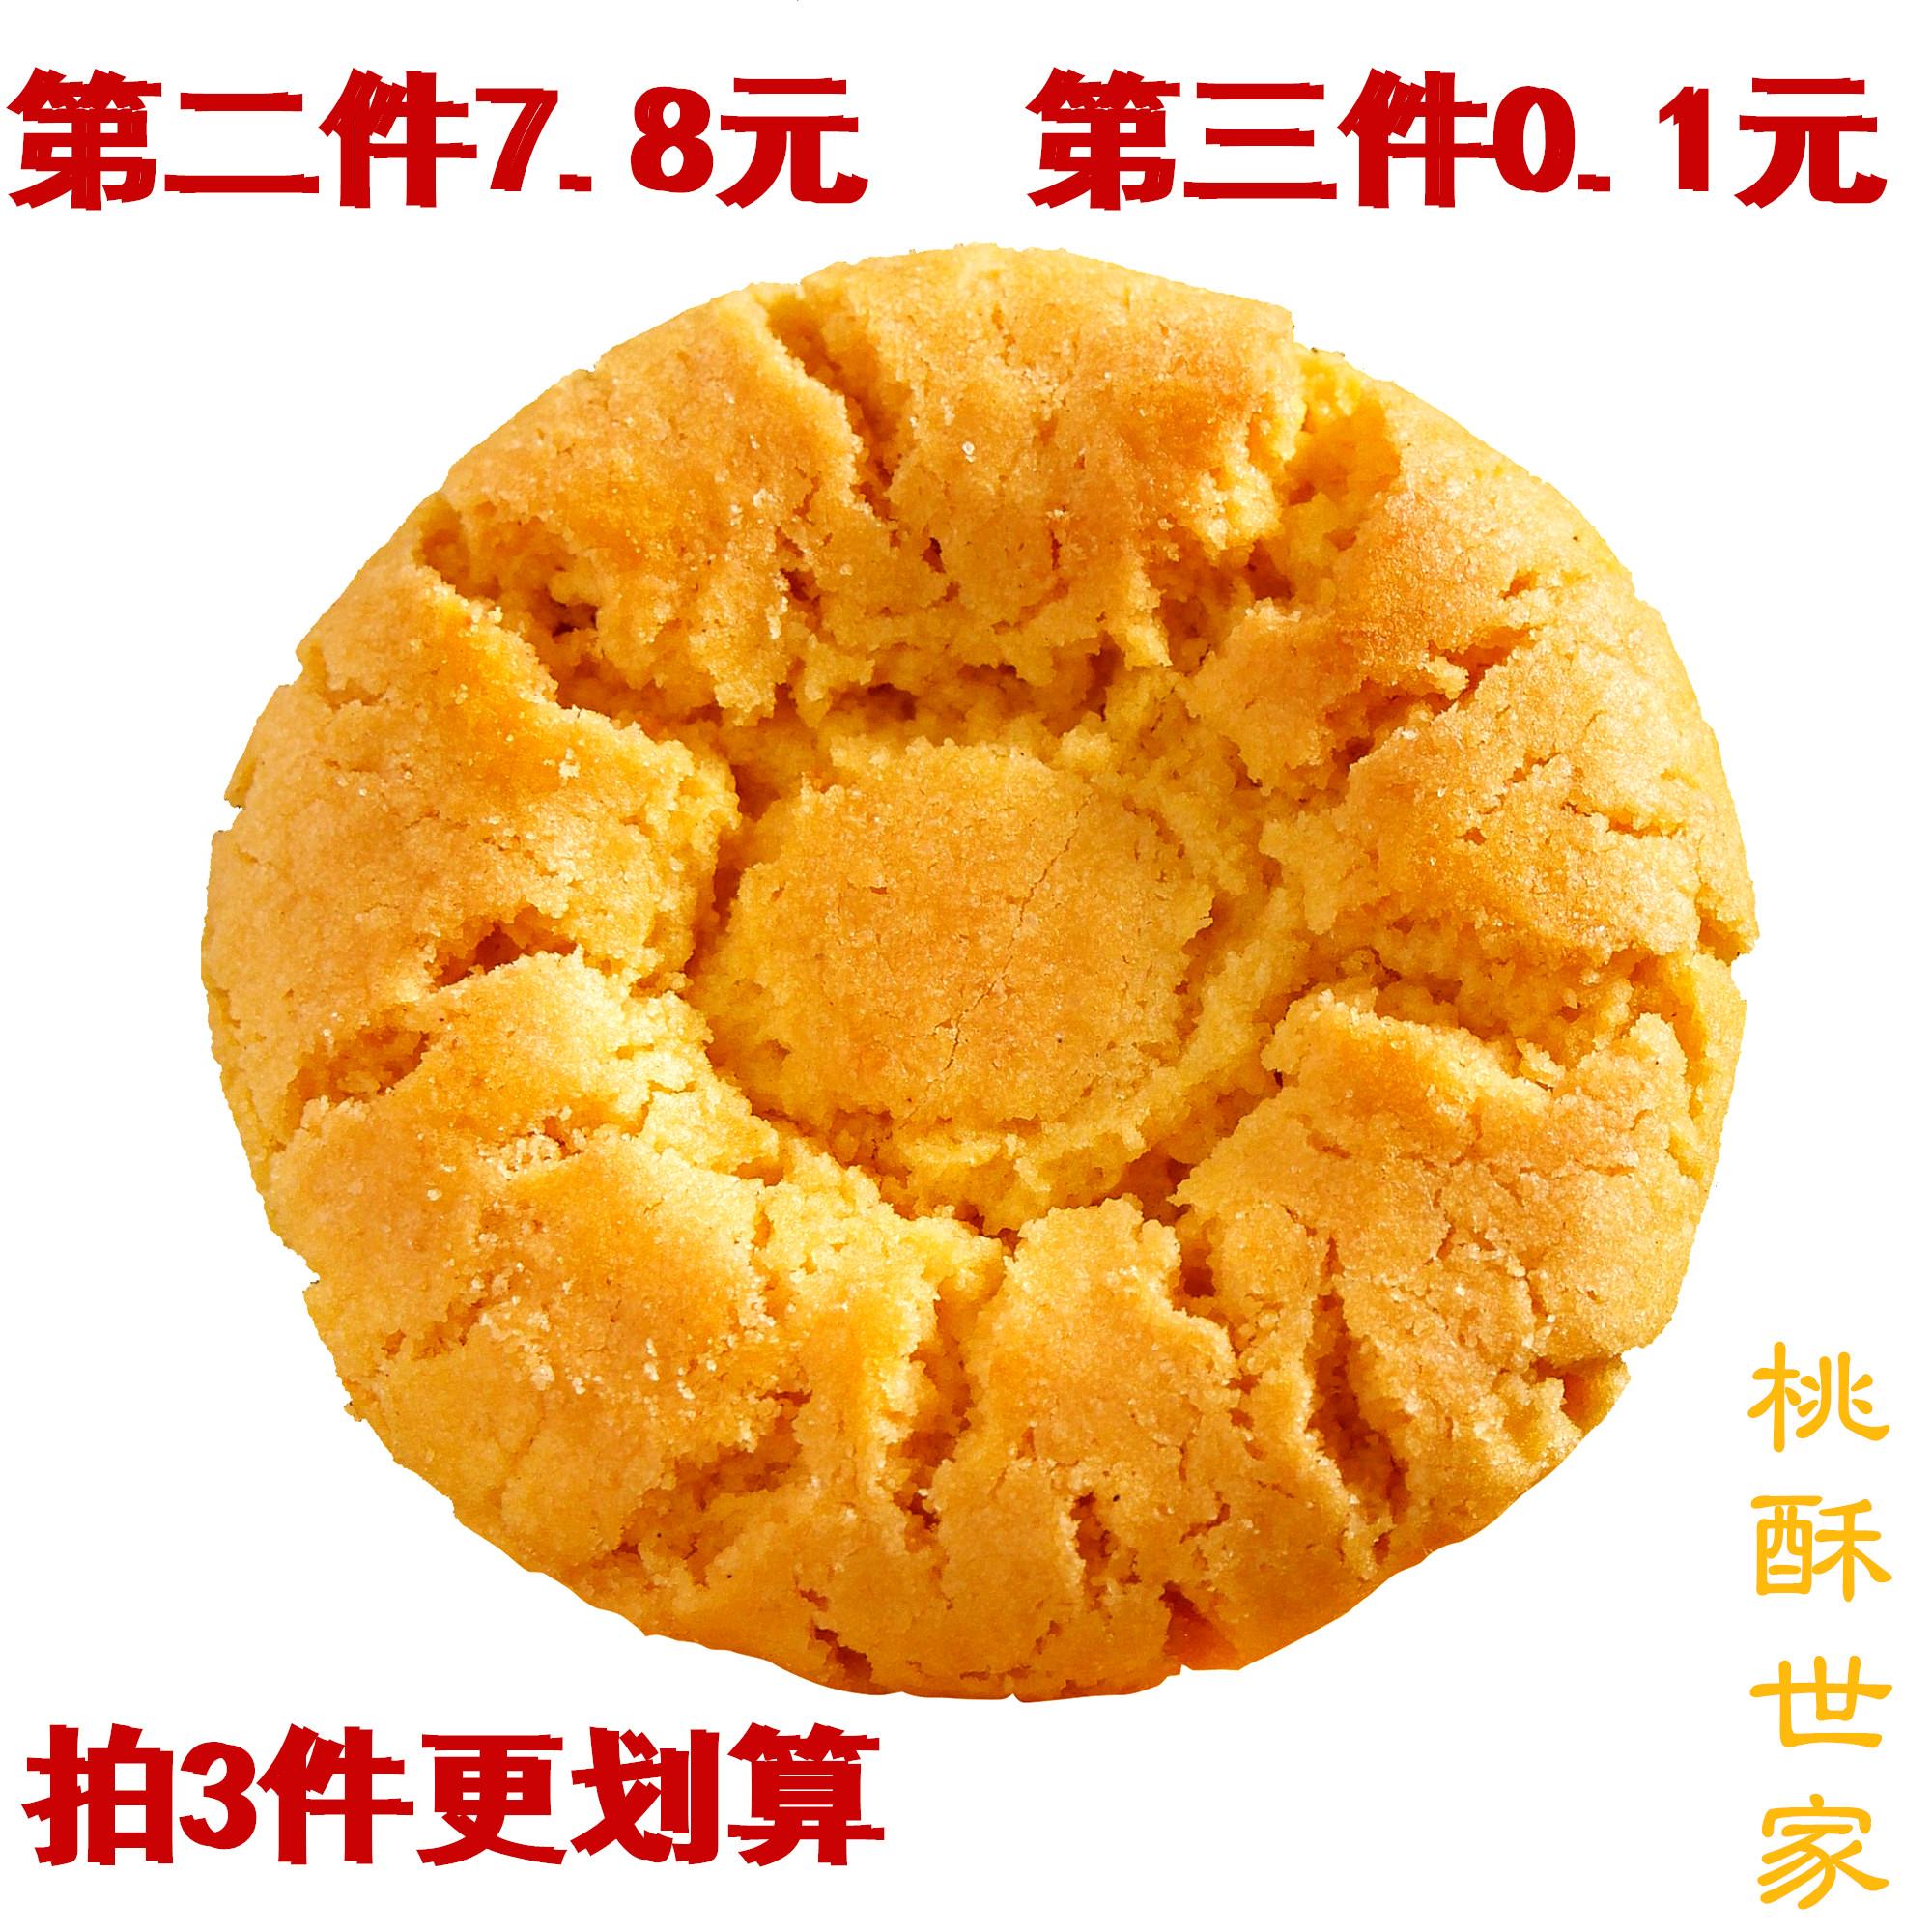 【可发湖北】江西名糕点正宗桃酥饼核桃酥饼干好吃不腻点心特产